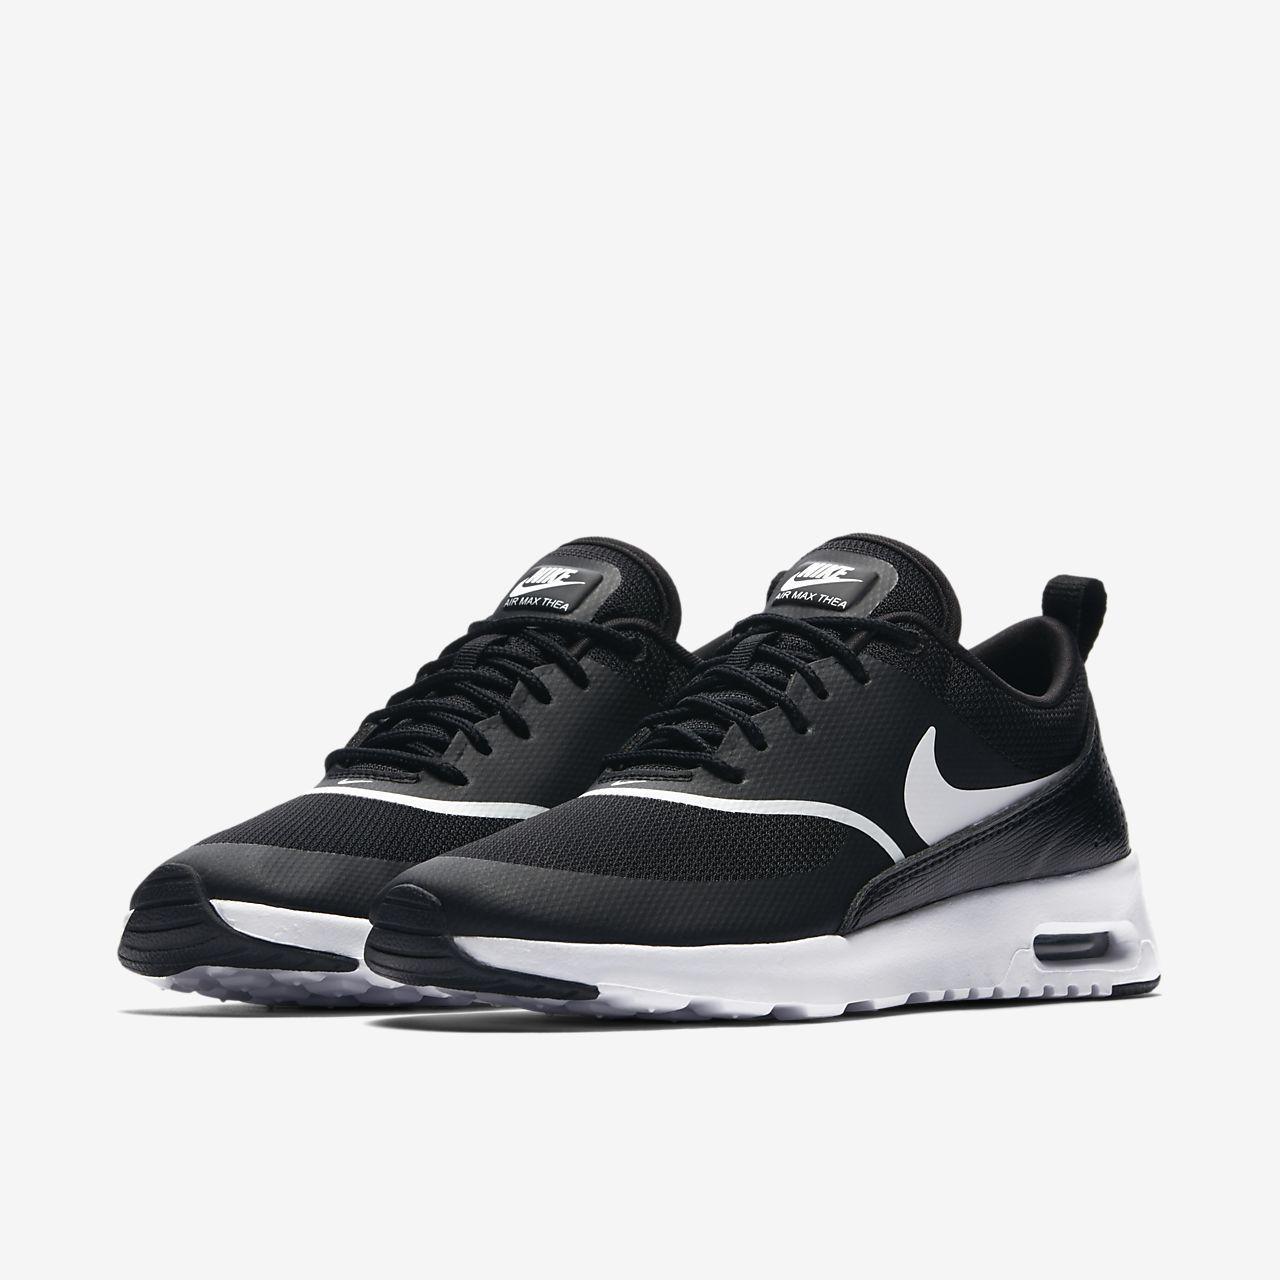 new products 1b380 e2e8a scarpa nike air max thea nerobianco 599409-028